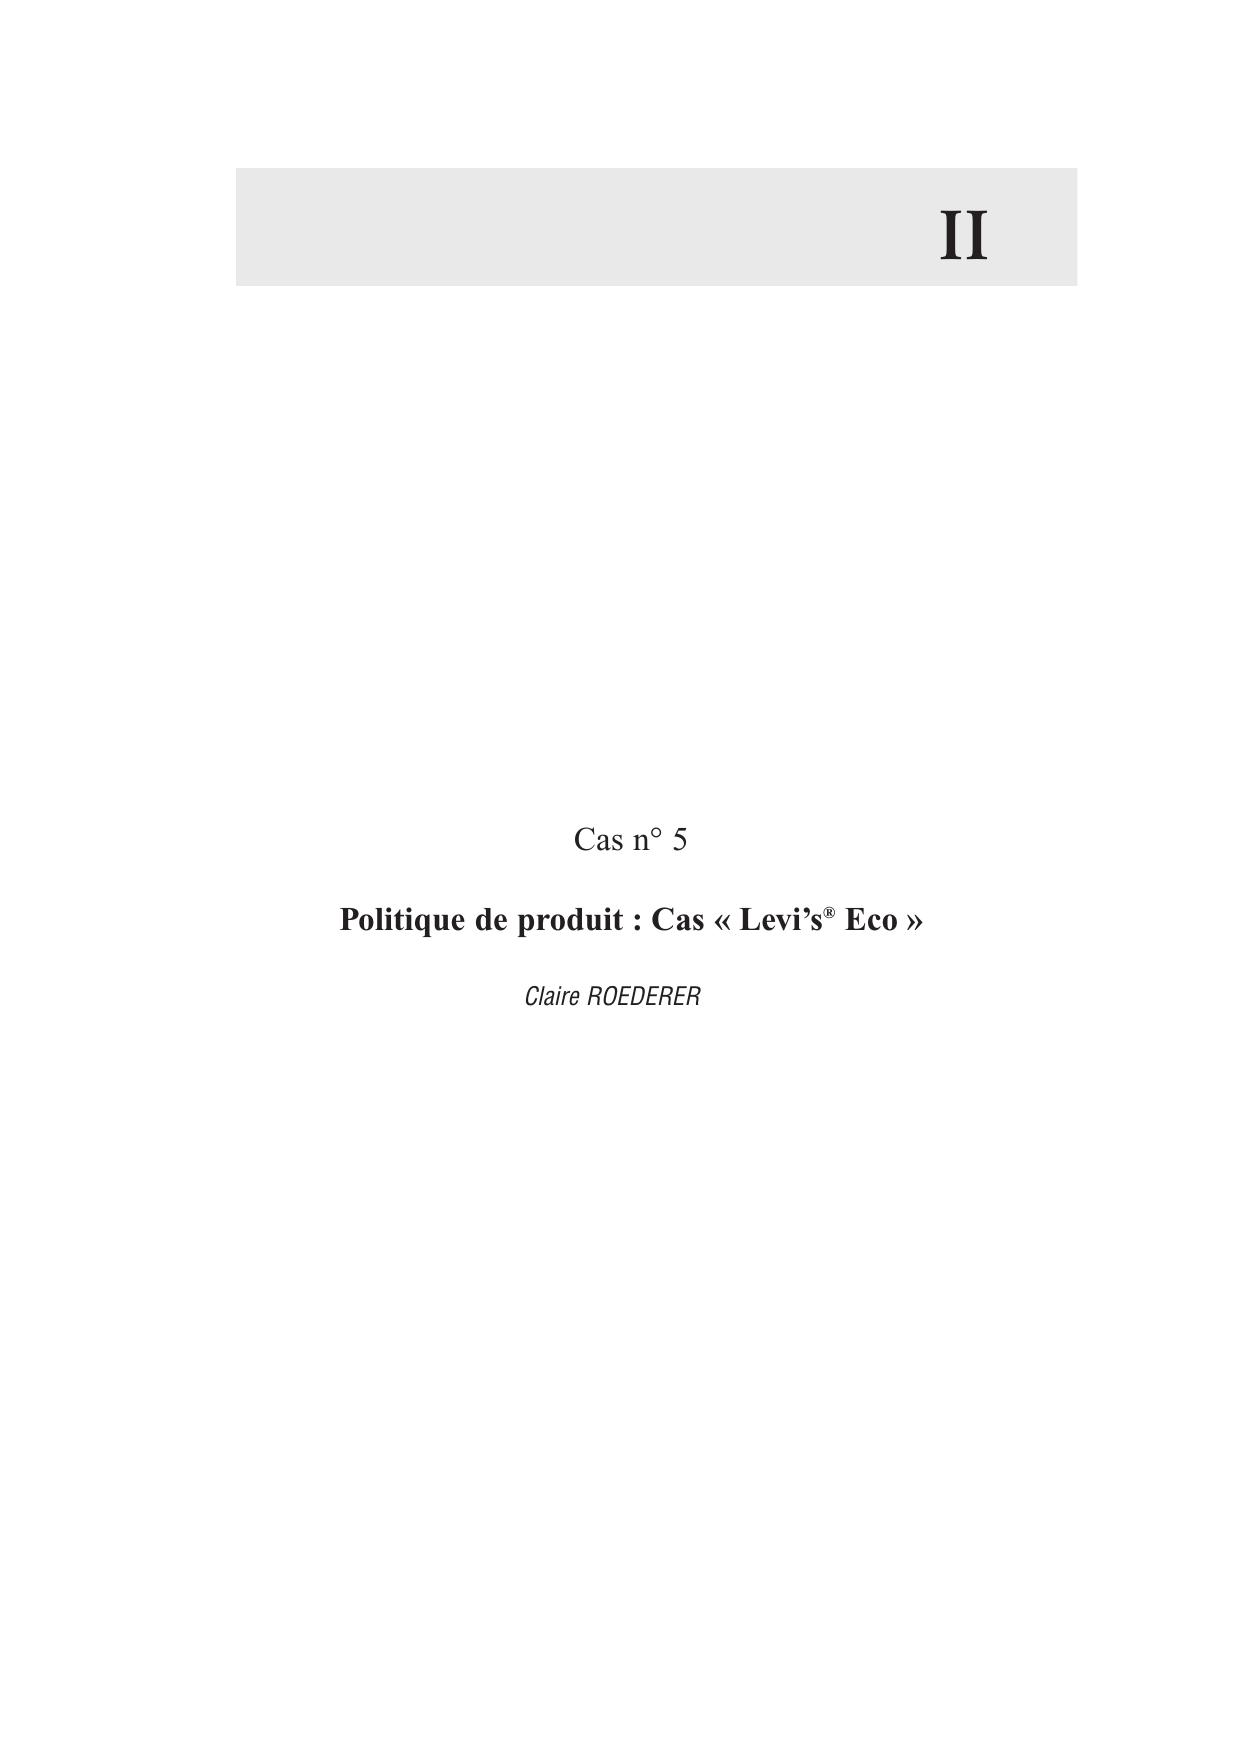 6e2b5c23e1ad3 II Cas n° 5 Politique de produit : Cas « Levi's Eco »